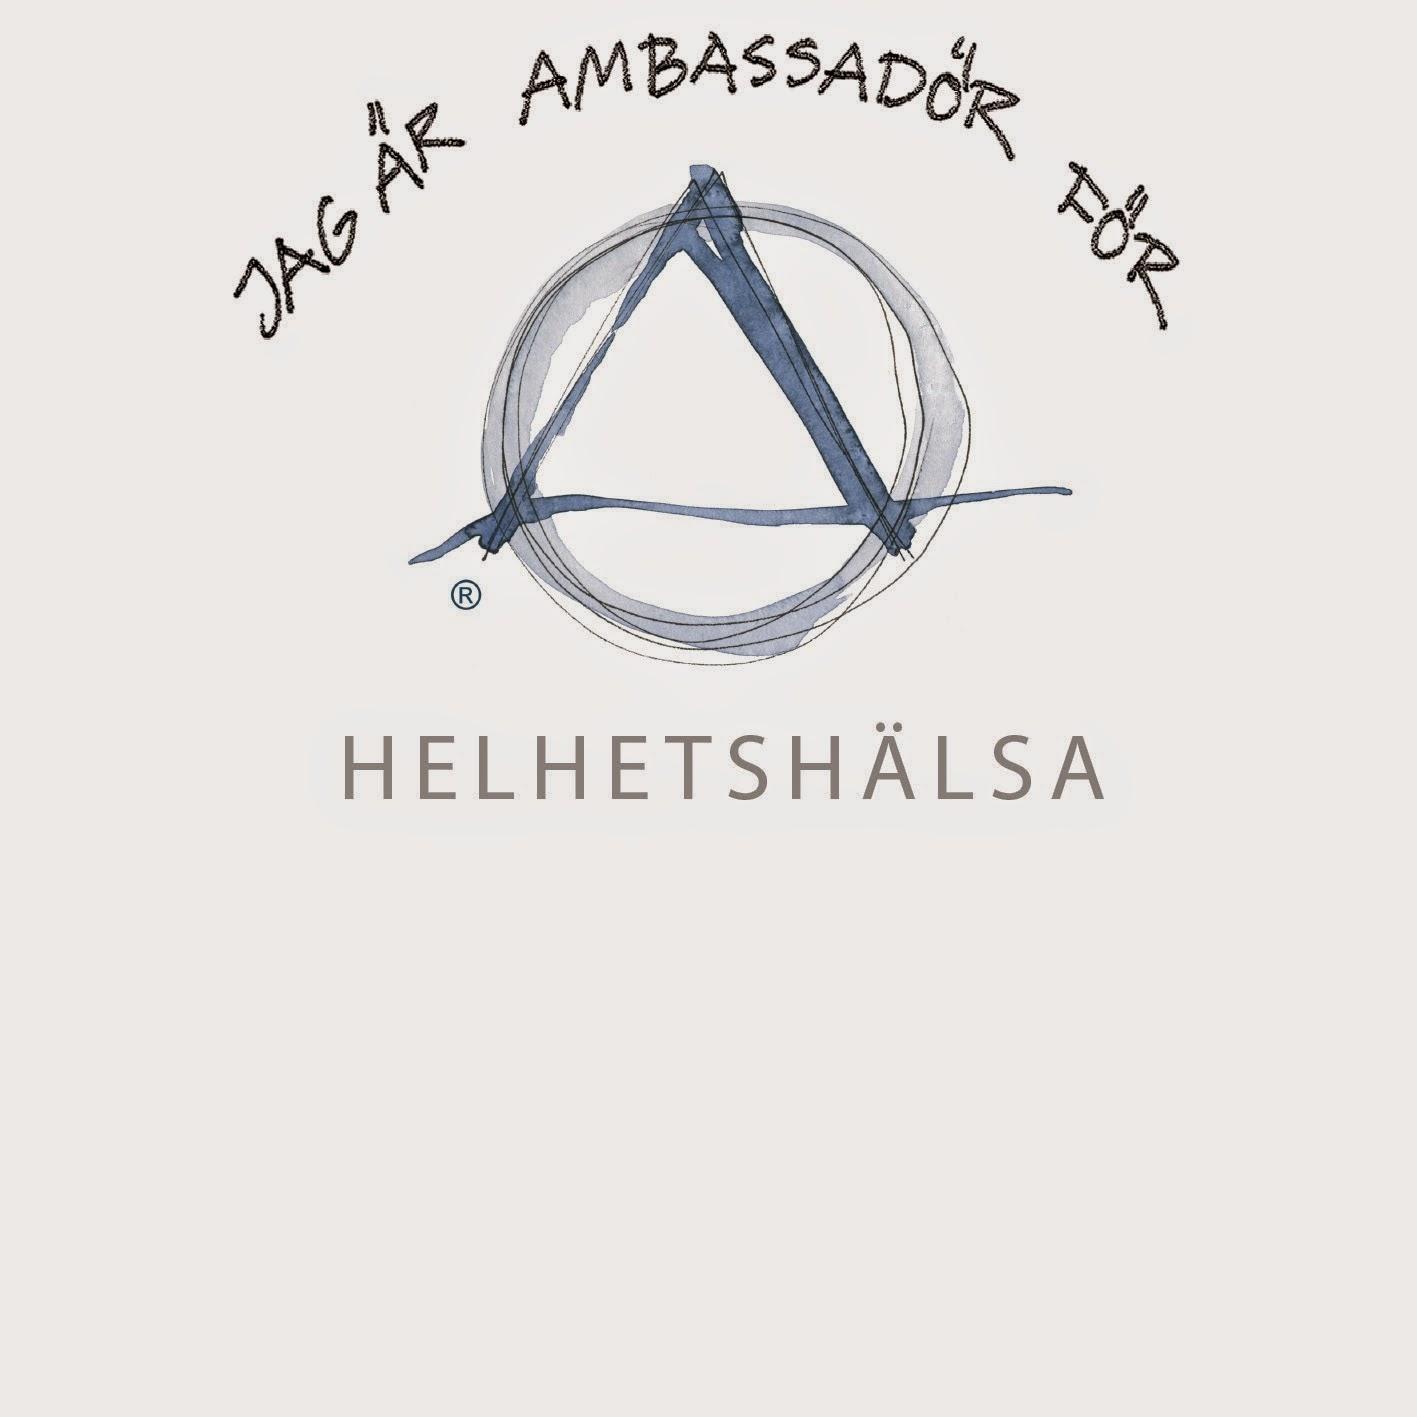 Jag är ambassadör för helhetshälsa